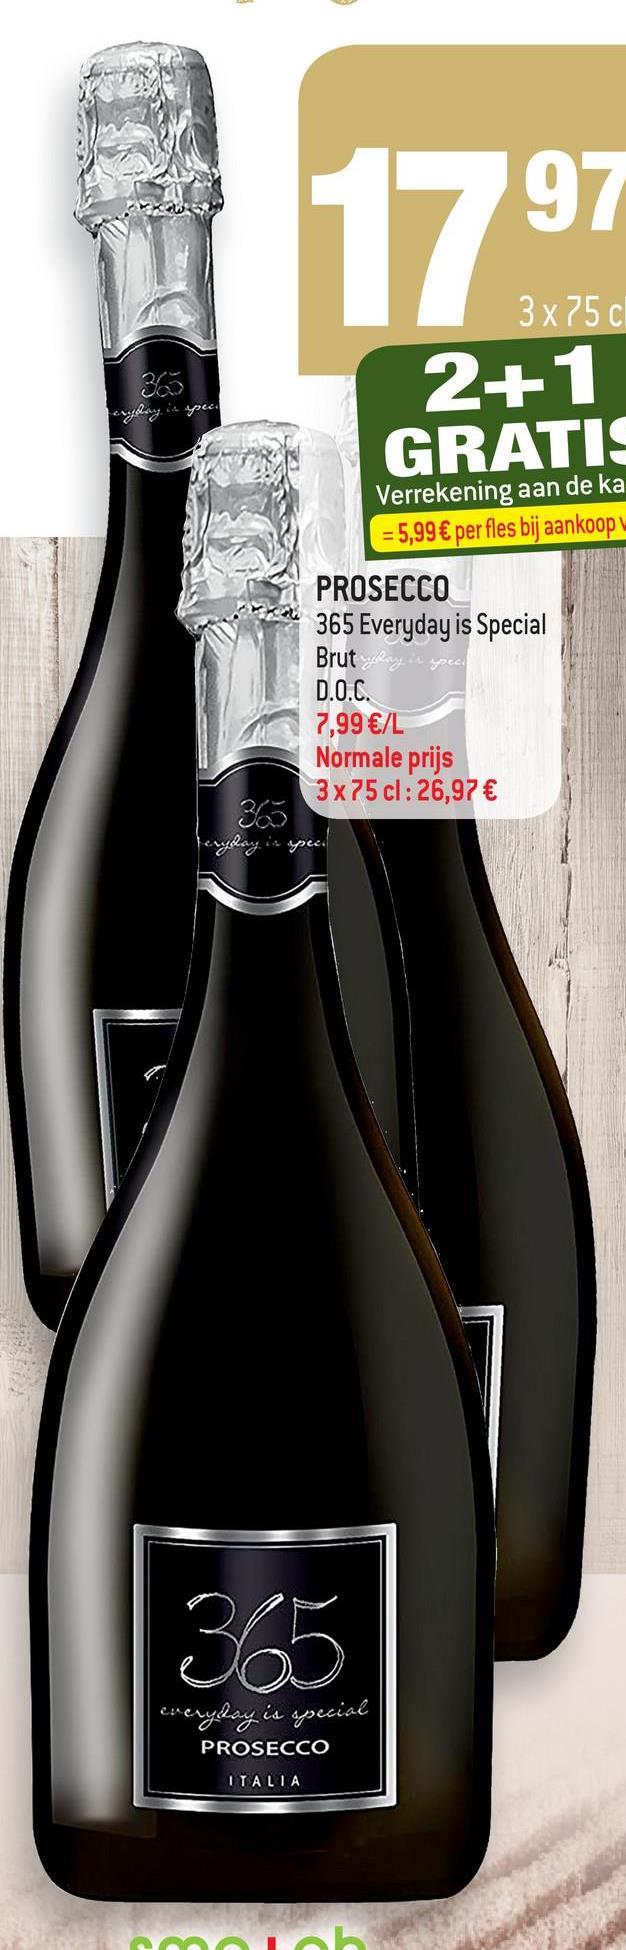 3x75 cl 2+1 GRATIS Verrekening aan de ka = 5,99 € per fles bij aankoop PROSECCO 365 Everyday is Special Brut D.O.C. 7,99 €/L Normale prijs 3 x 75 cl: 26,97 € 365 Peryday in apeco everyday is special PROSECCO ITALIA